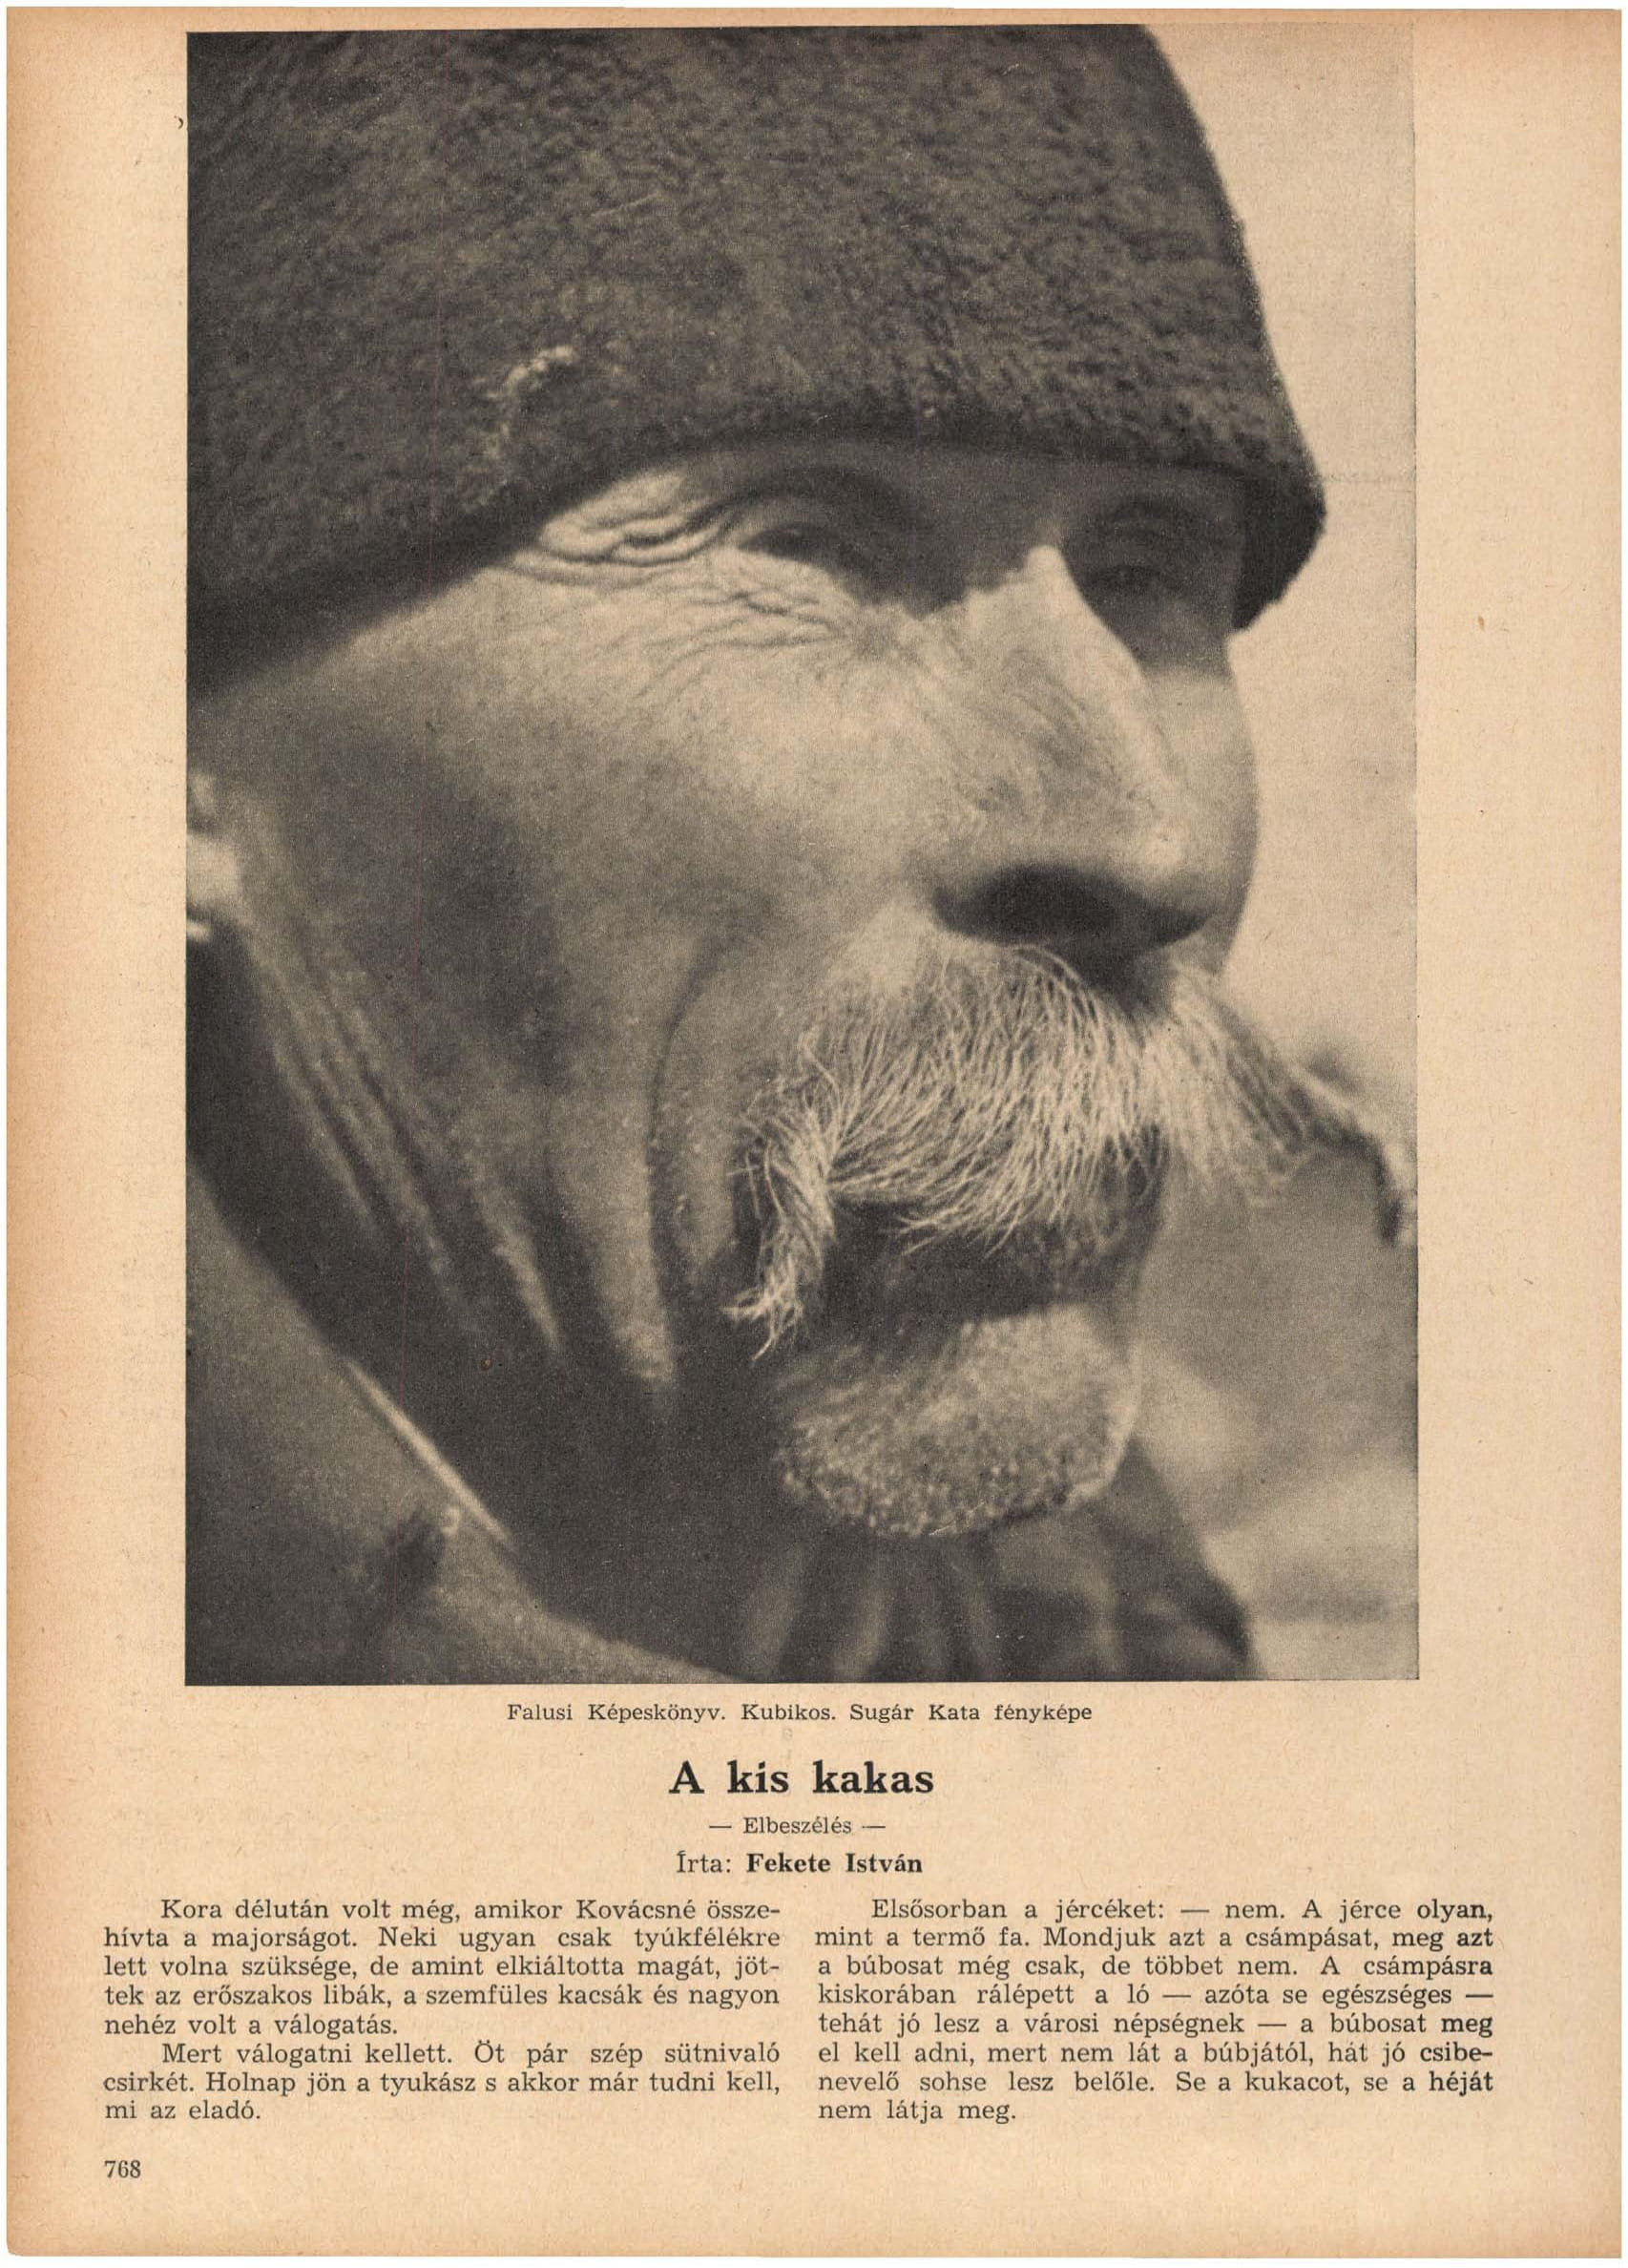 Fotó: Sugár Kata: Kubikos<br />Megjelent: Új Idők, 1941. 2.<br />Forrás: adtplus.arcanum.hu